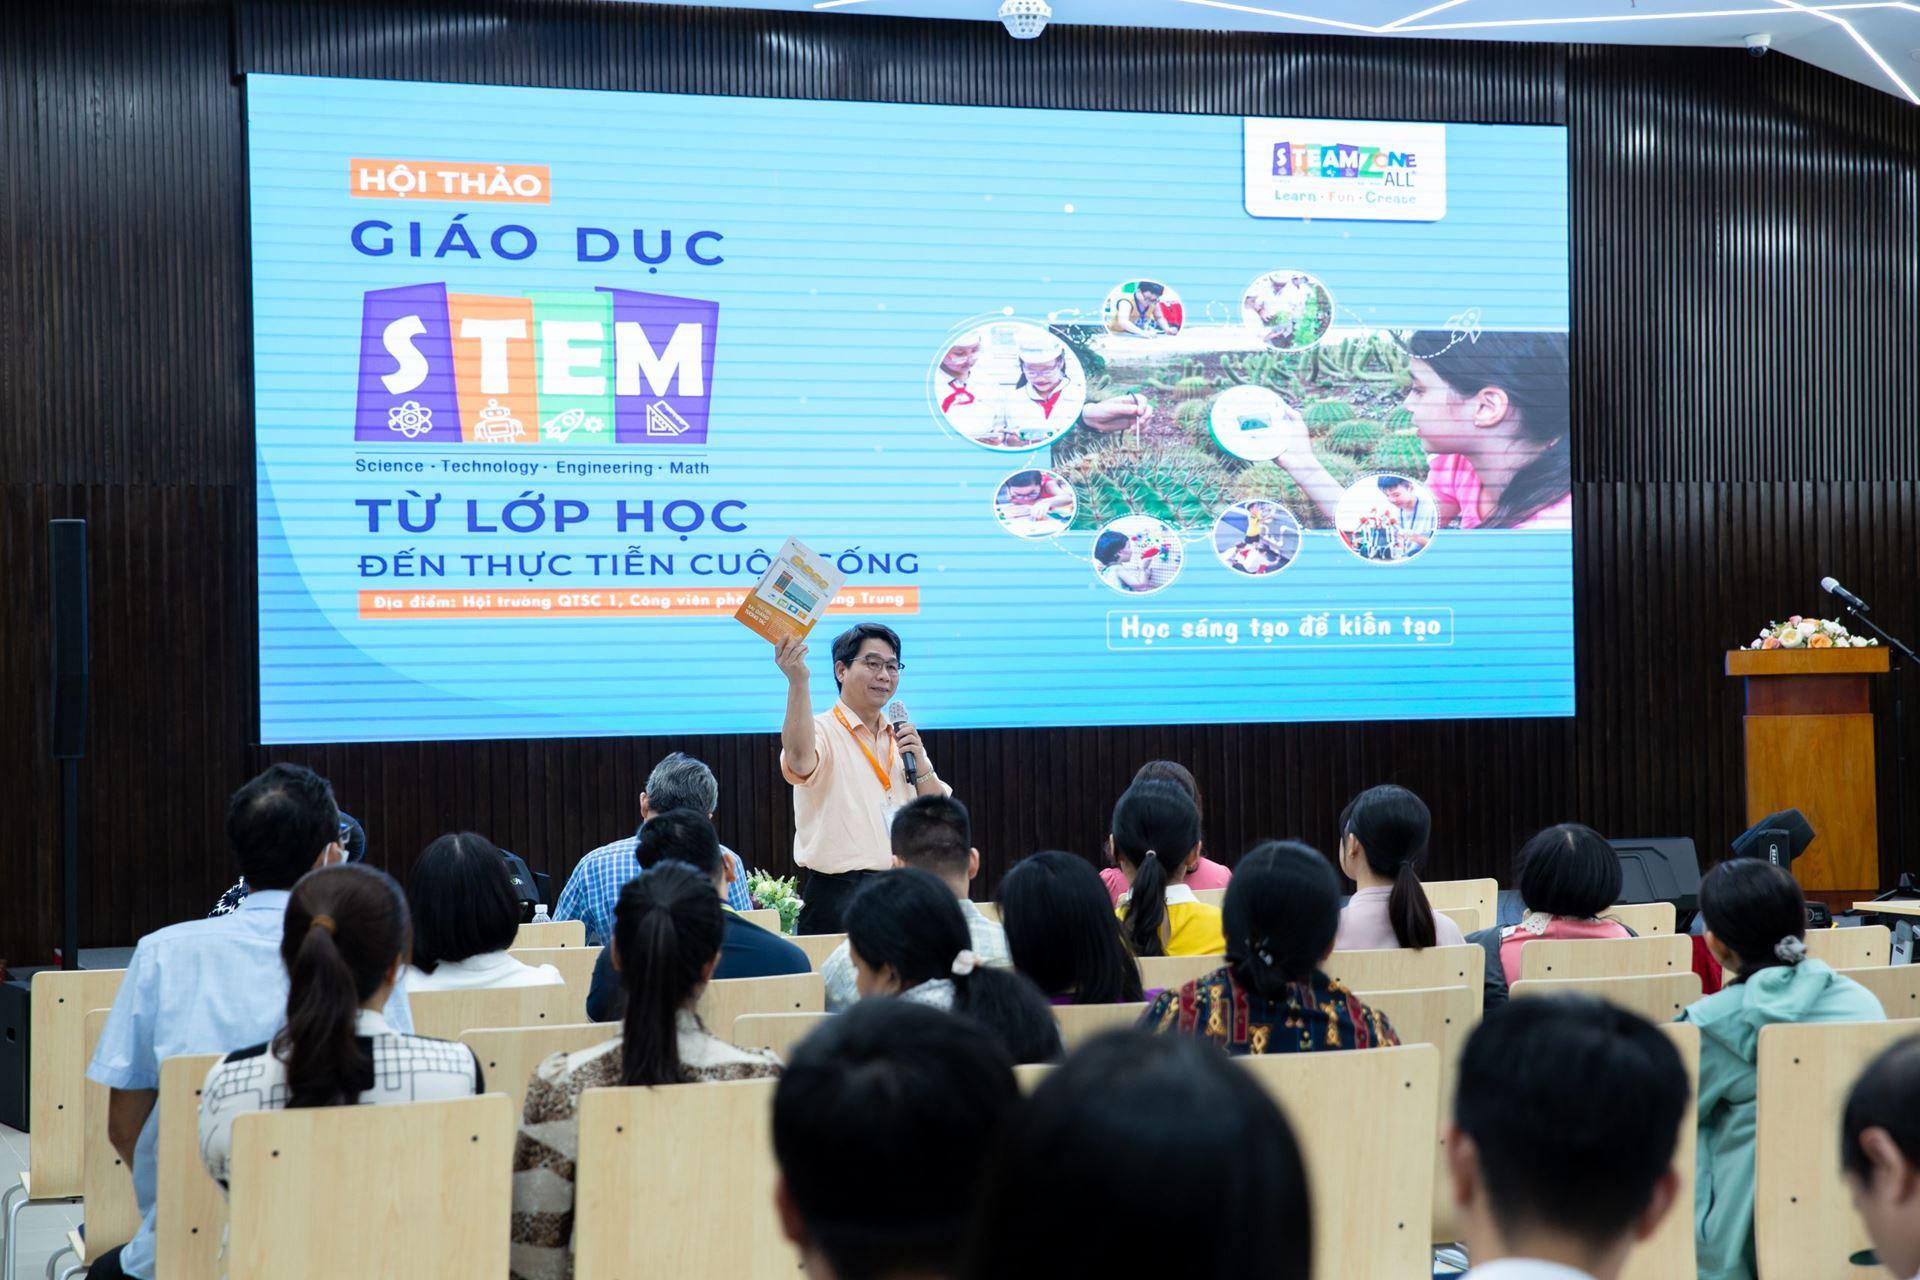 Phần phát biểu của ông Hà Huy Bình